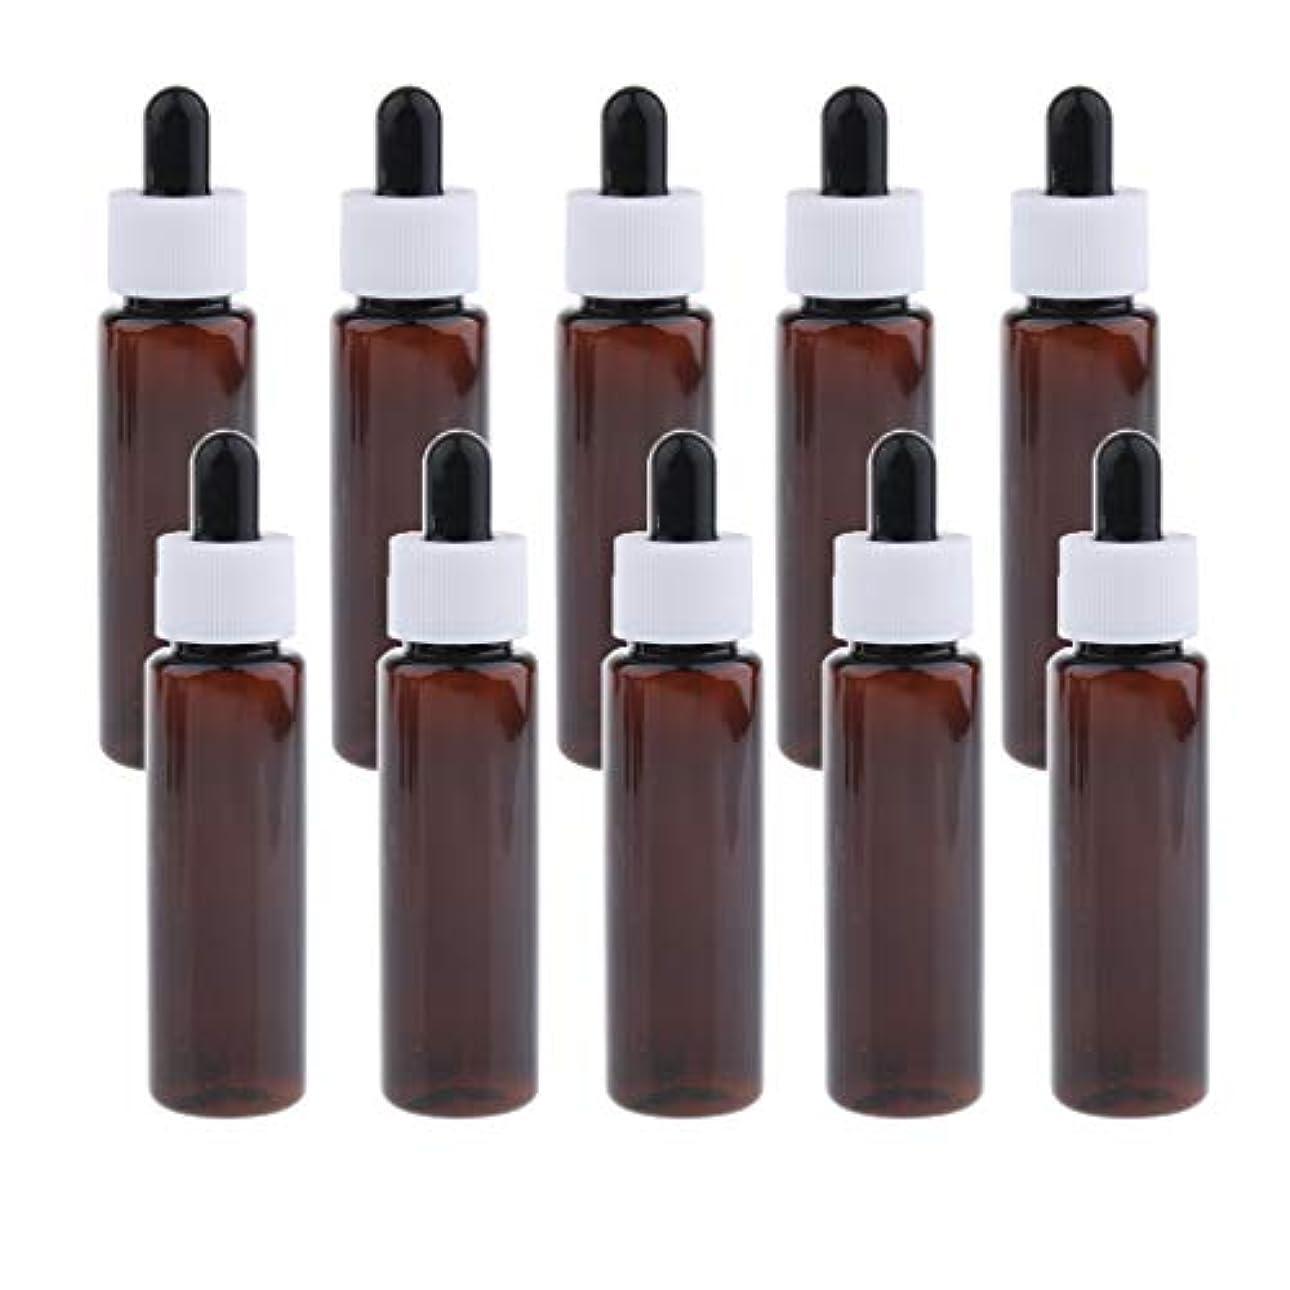 飽和する迷彩焦げ30ml スポイトボトル 香水瓶 詰替え容器 エッセンシャルオイル 全4色 約10個セット - アンバー